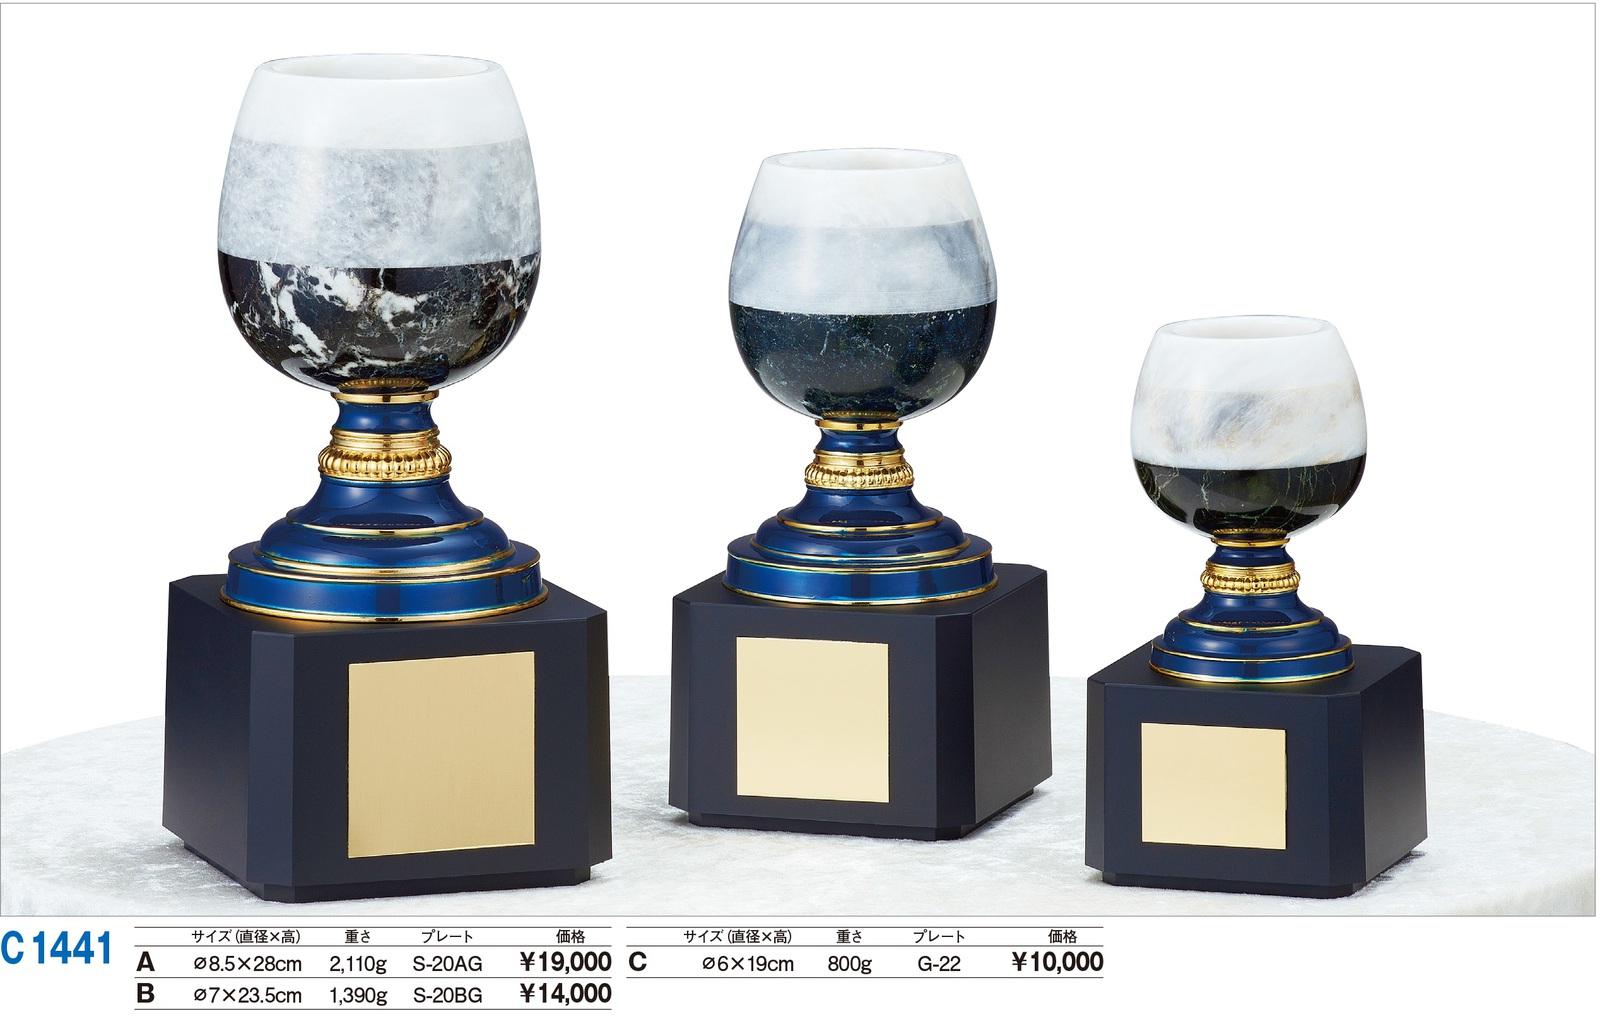 オニックスカップ C1441C/G-22